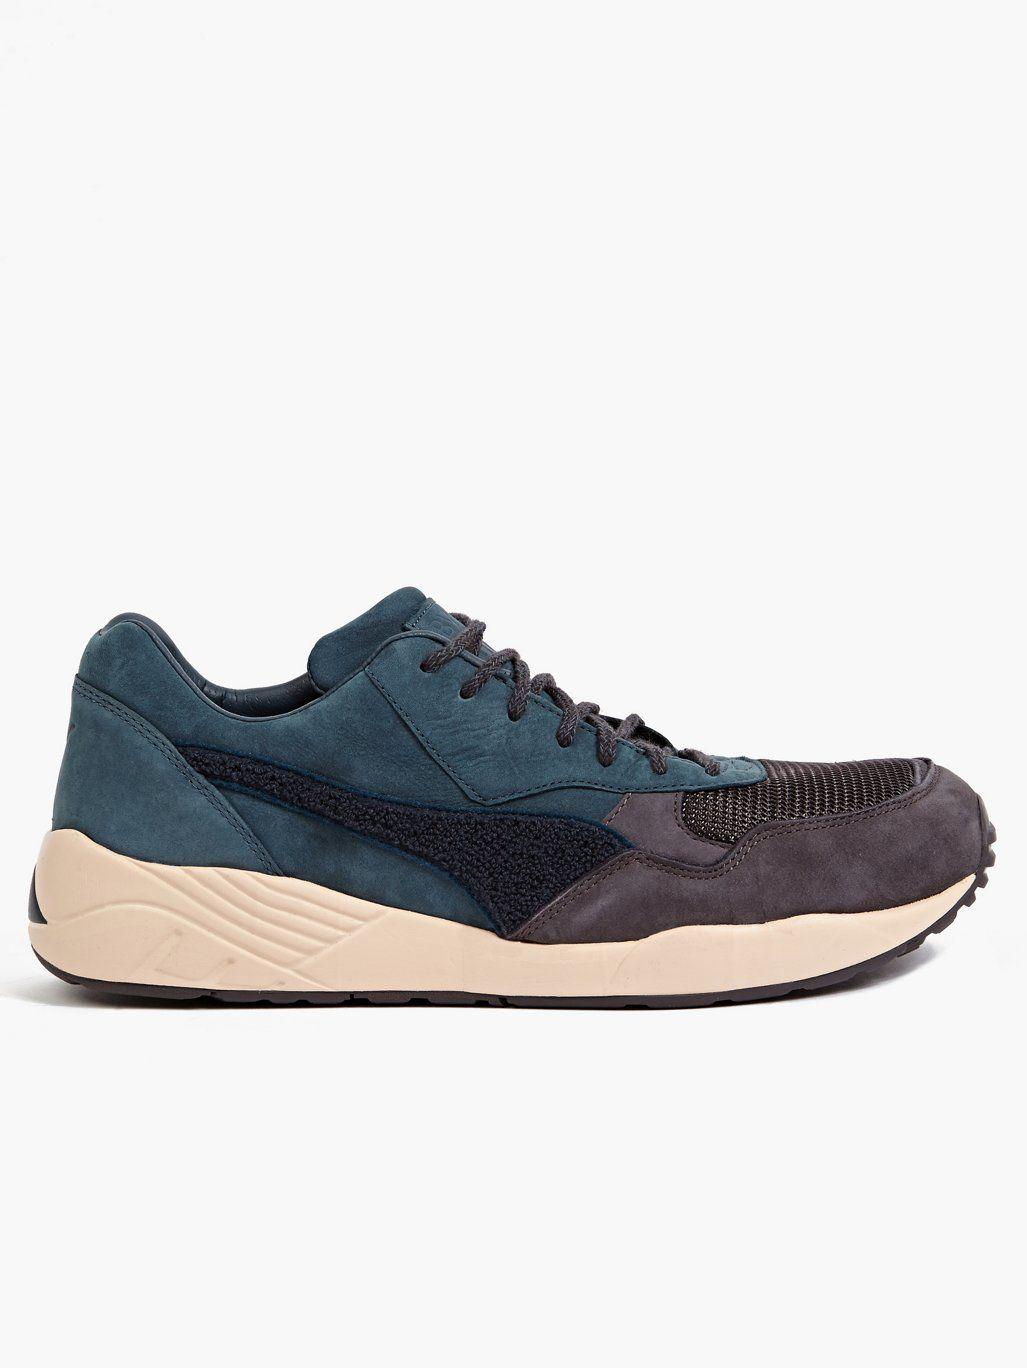 Puma X BWGH Men's Orion Blue XS-698 Sneakers | oki-ni